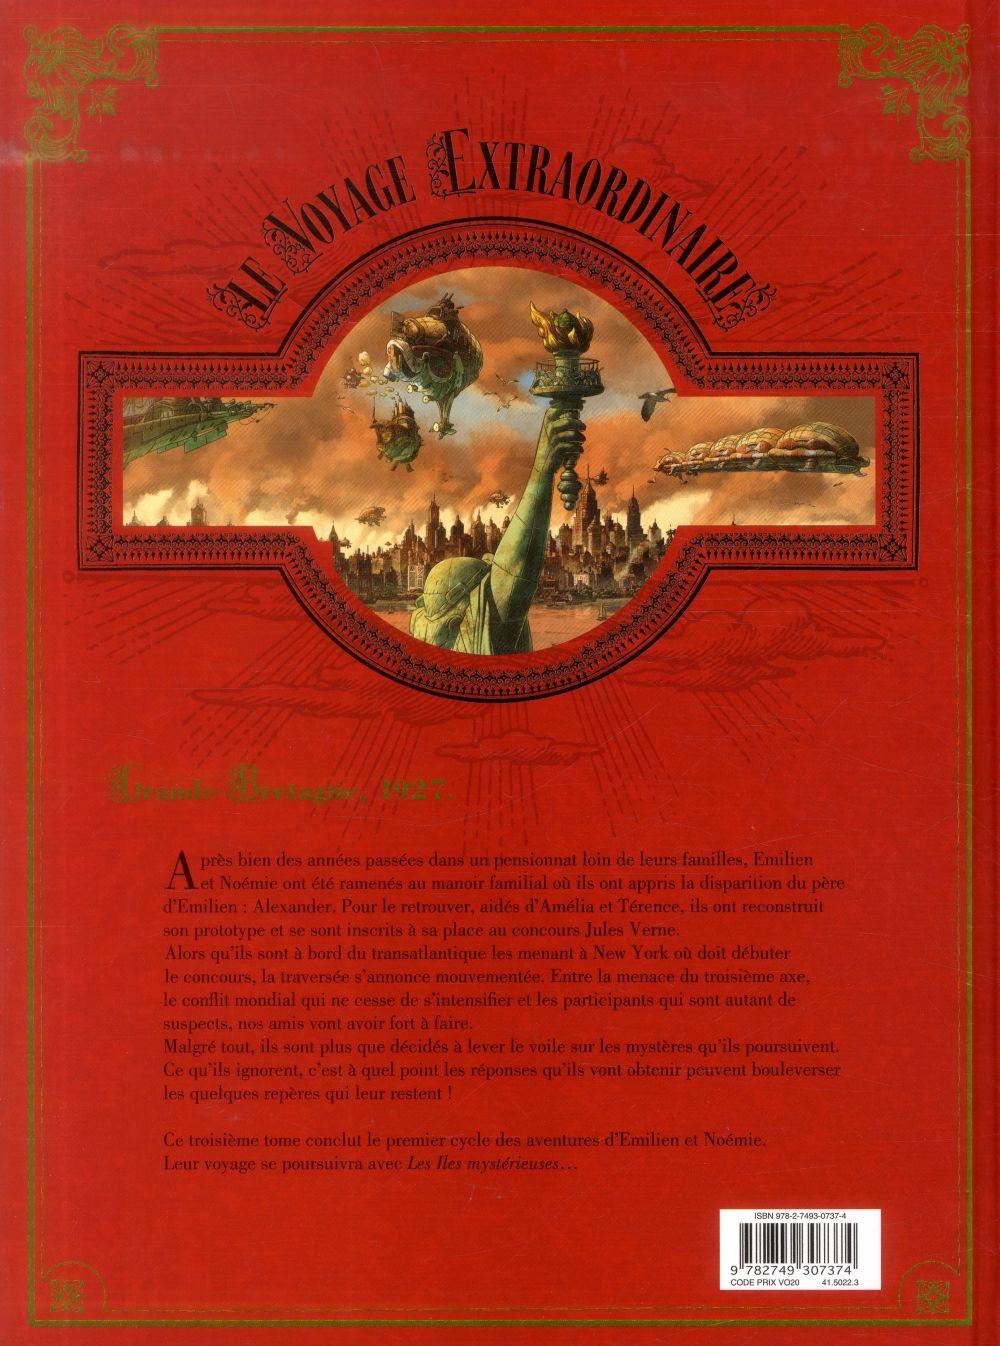 Le voyage extraordinaire t.3 ; le trophée Jules Verne t.3